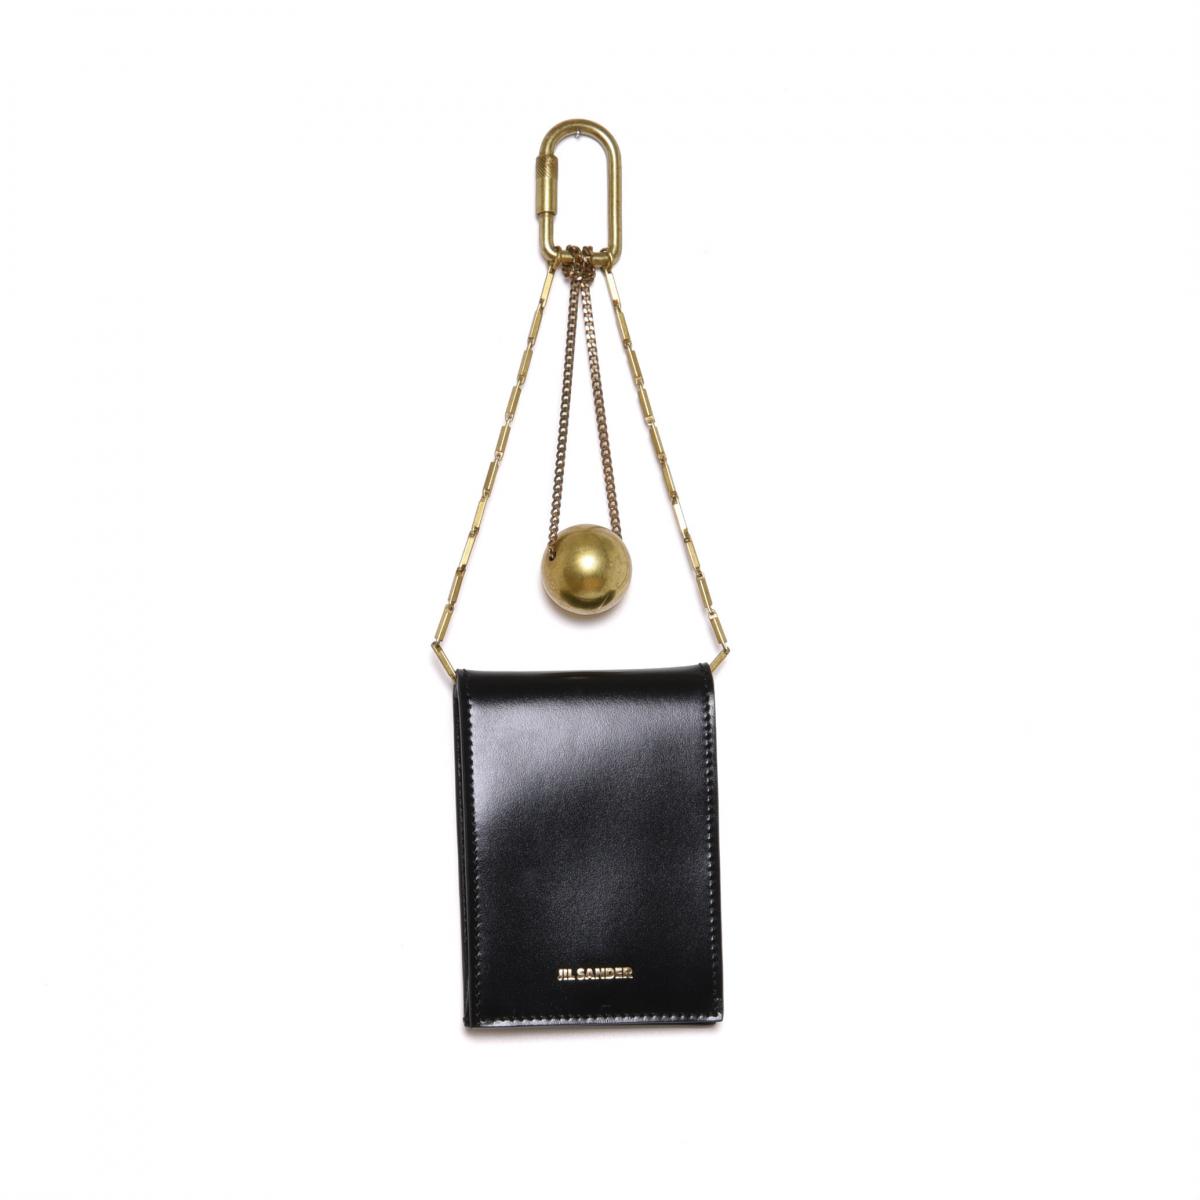 財布「キーリング ウォレット」¥48,000/オンワードグローバルファッション(ジル・サンダー)